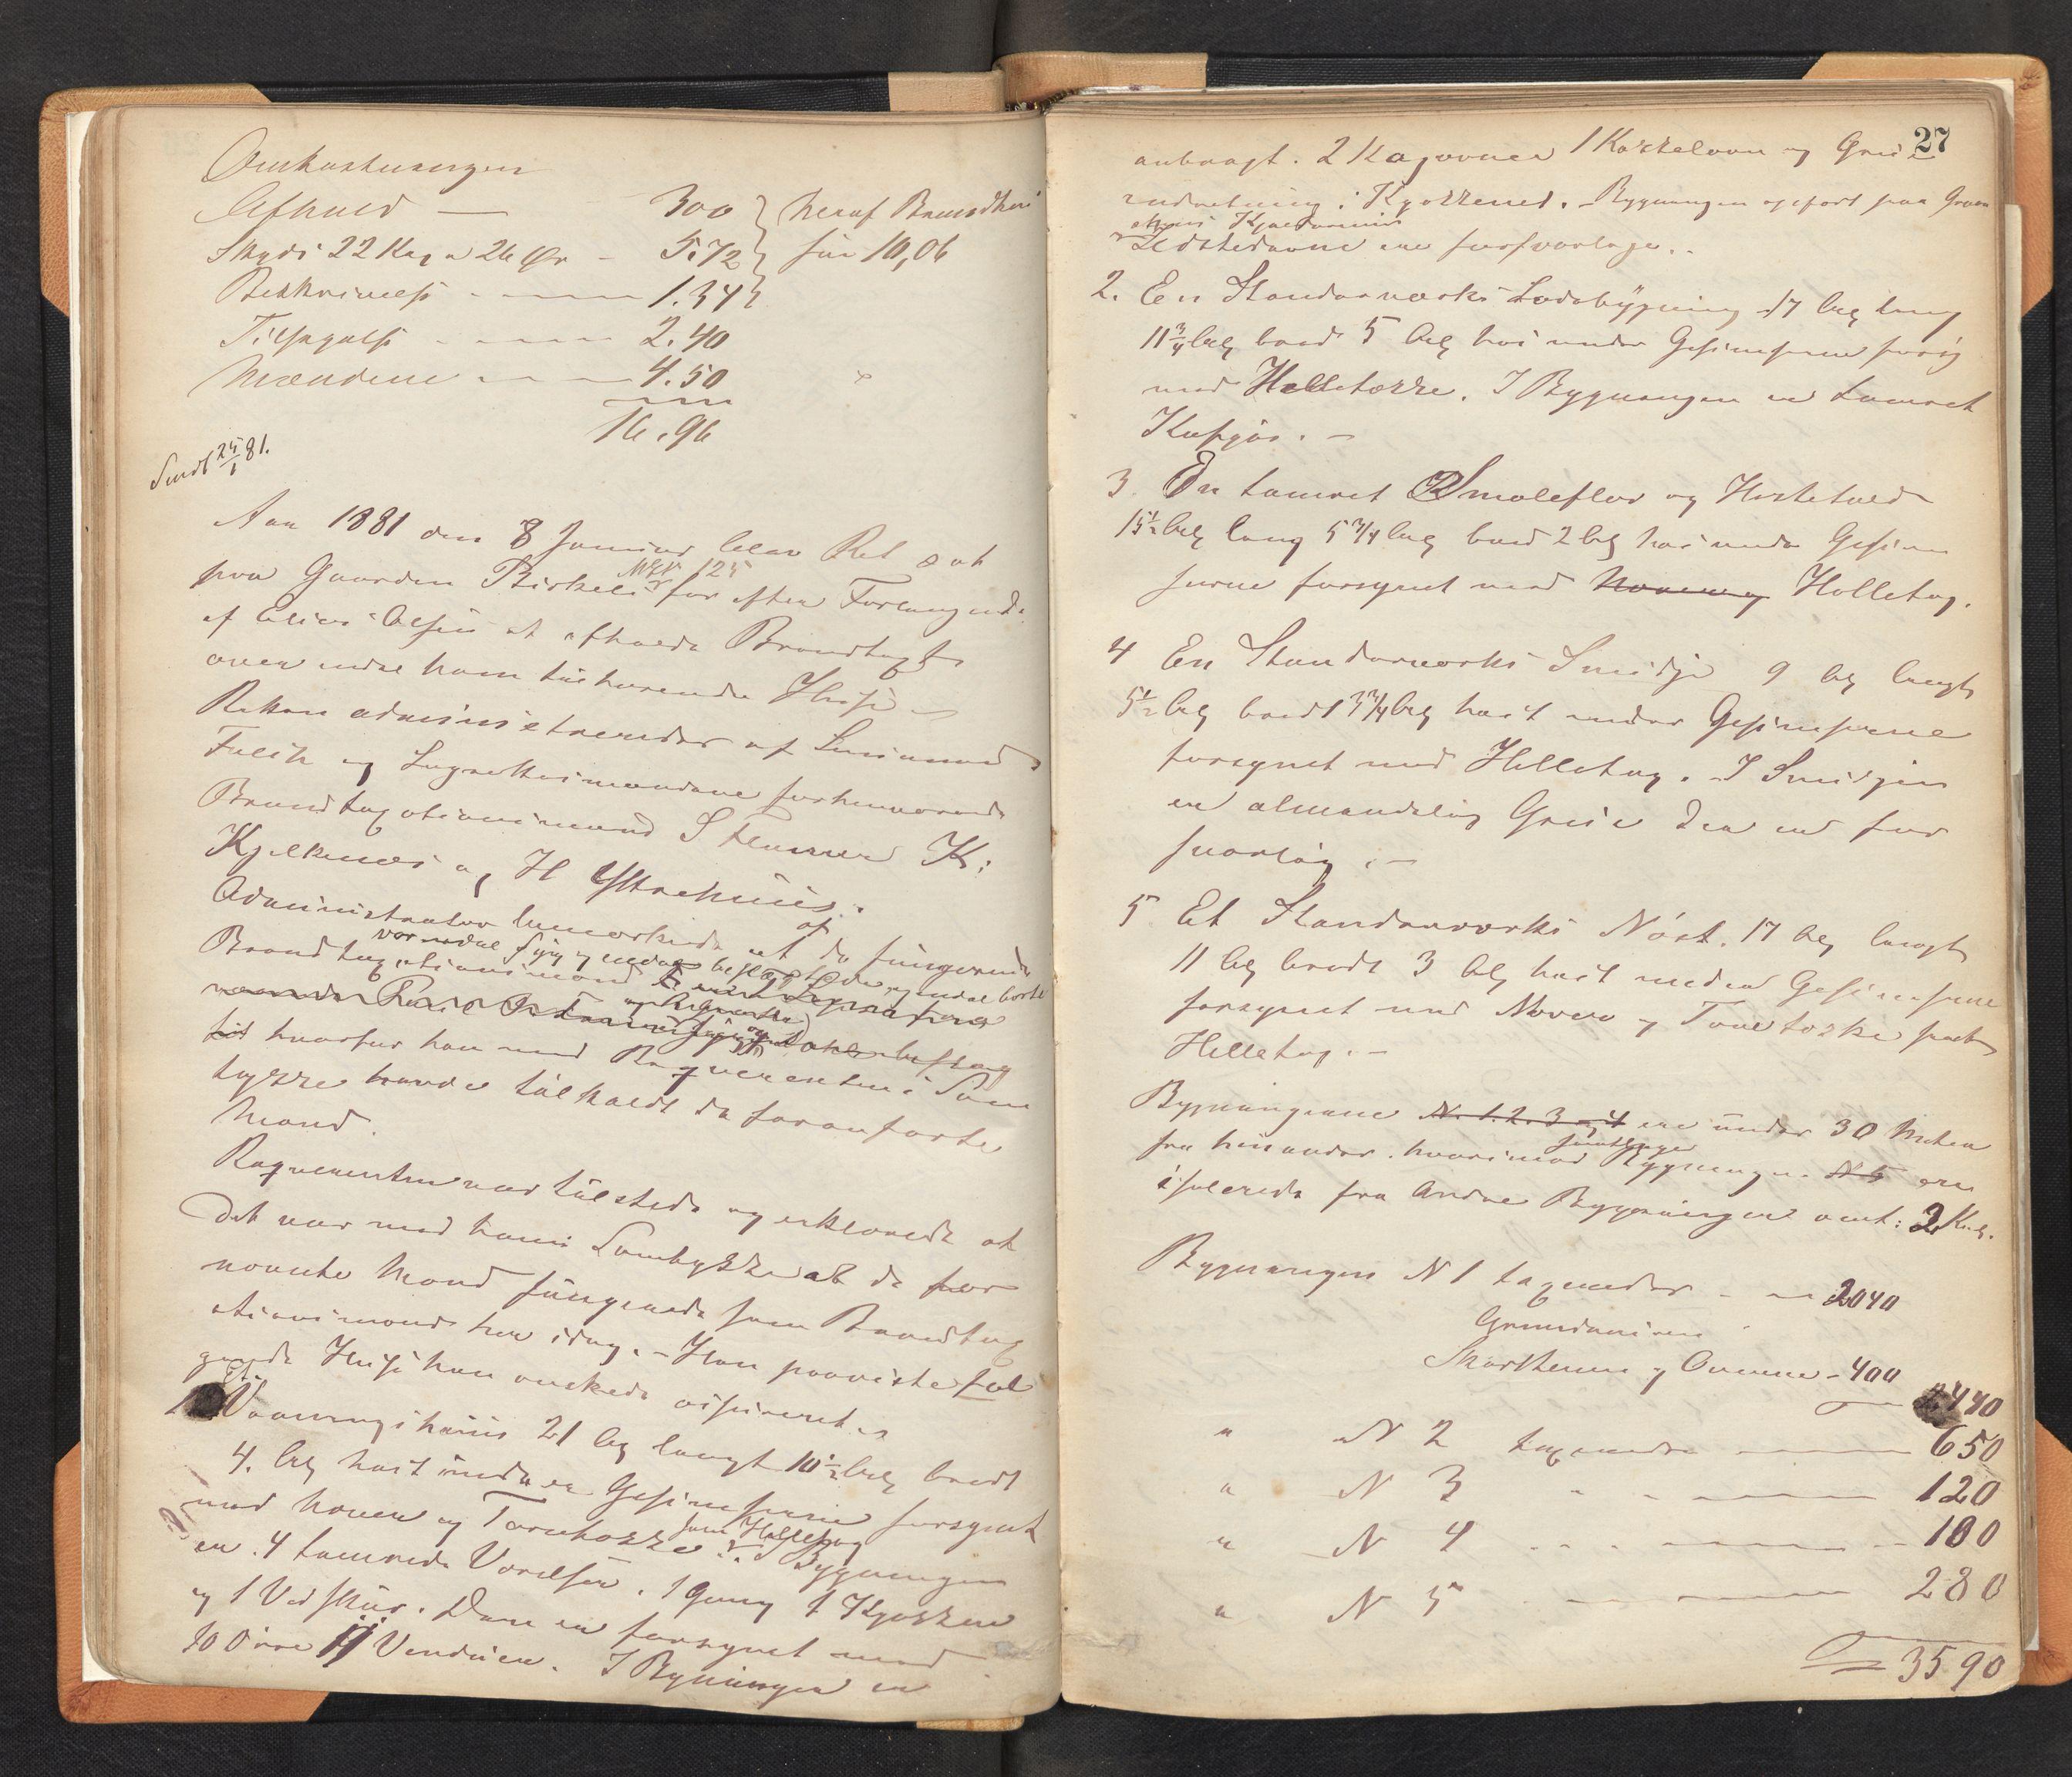 SAB, Lensmannen i Bremanger, 0012/L0002: Branntakstprotokoll, 1879-1947, p. 26b-27a